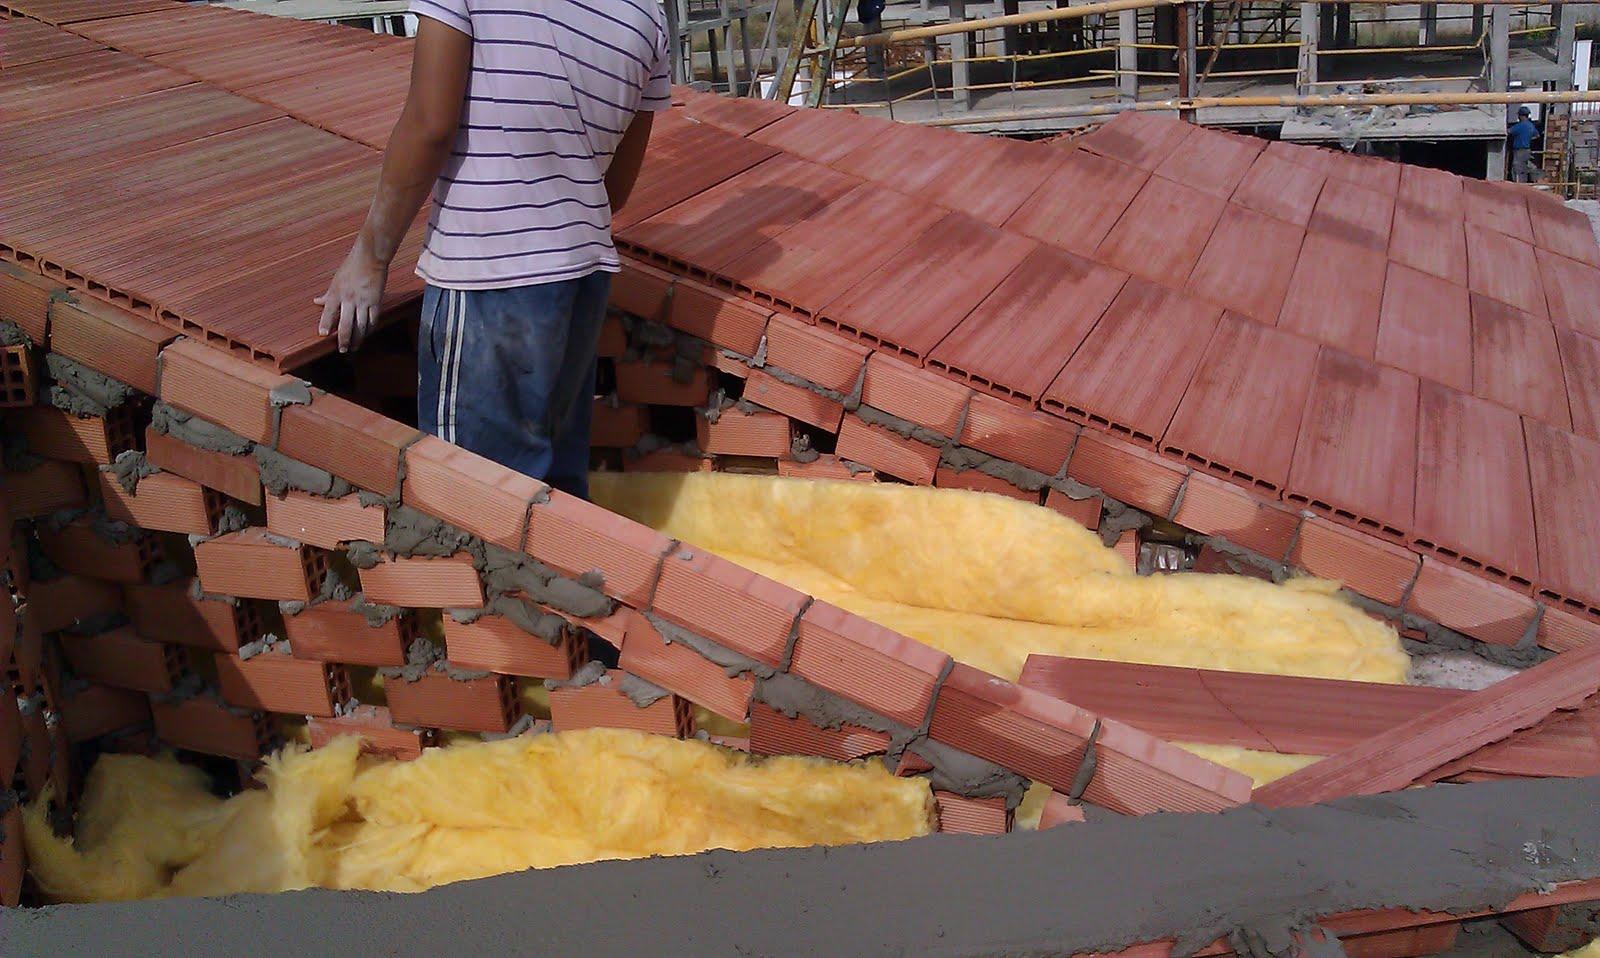 Instalaci n de tejados sobre tablero de obra apoyado en for Tejados prefabricados